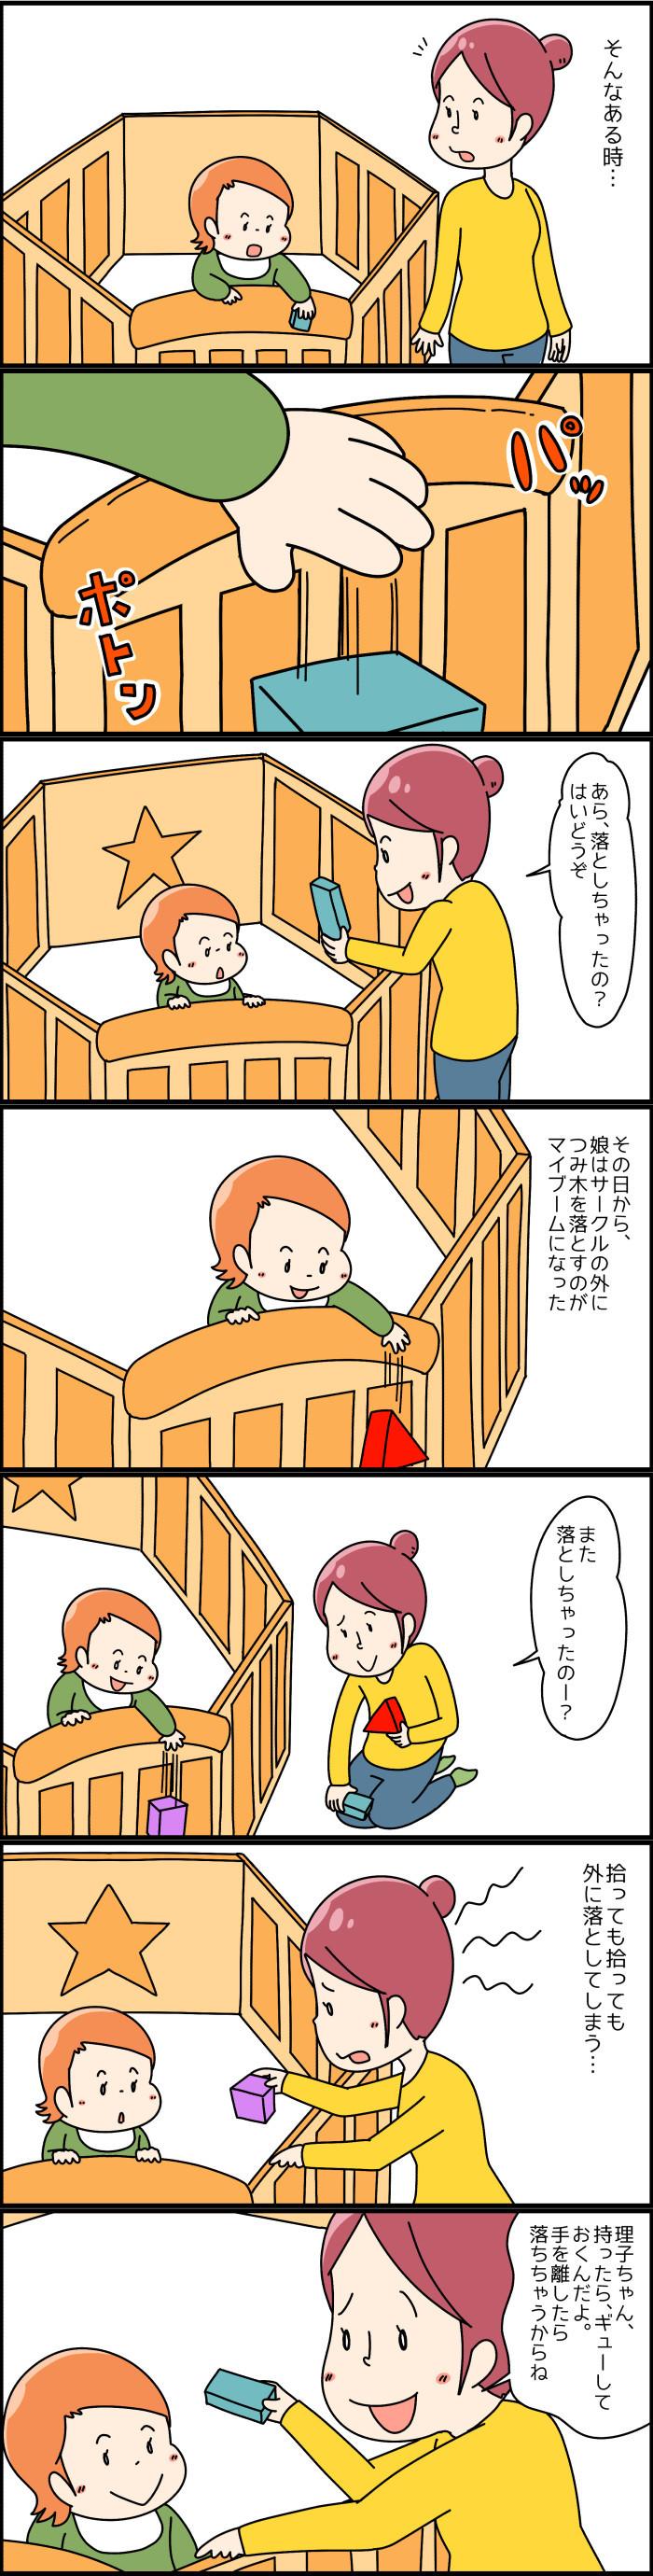 つみきを何度も落として遊ぶ娘。これってもしかして…!?の画像2